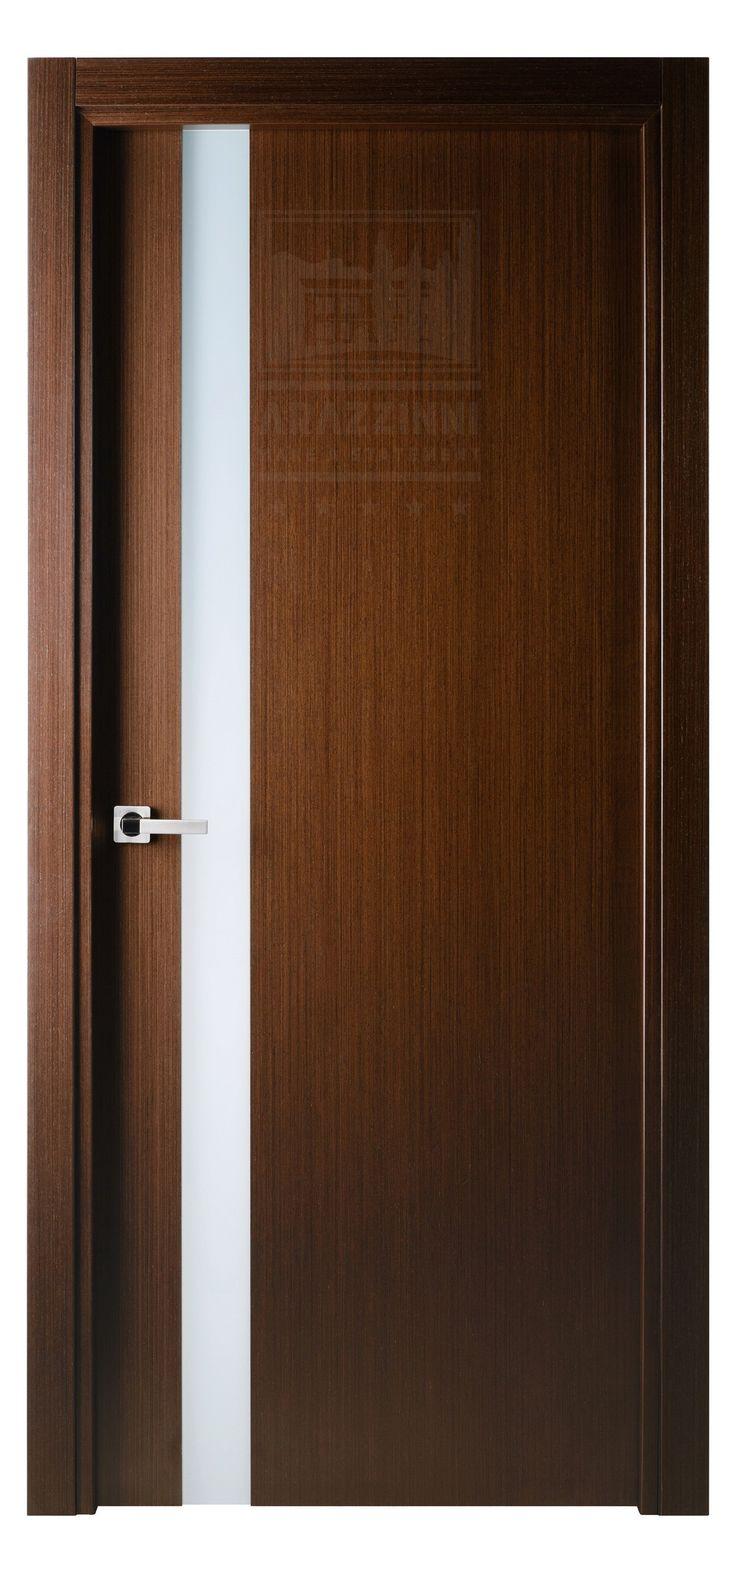 M s de 1000 im genes sobre puertas ventanas aluminio y - Puertas madera barcelona ...